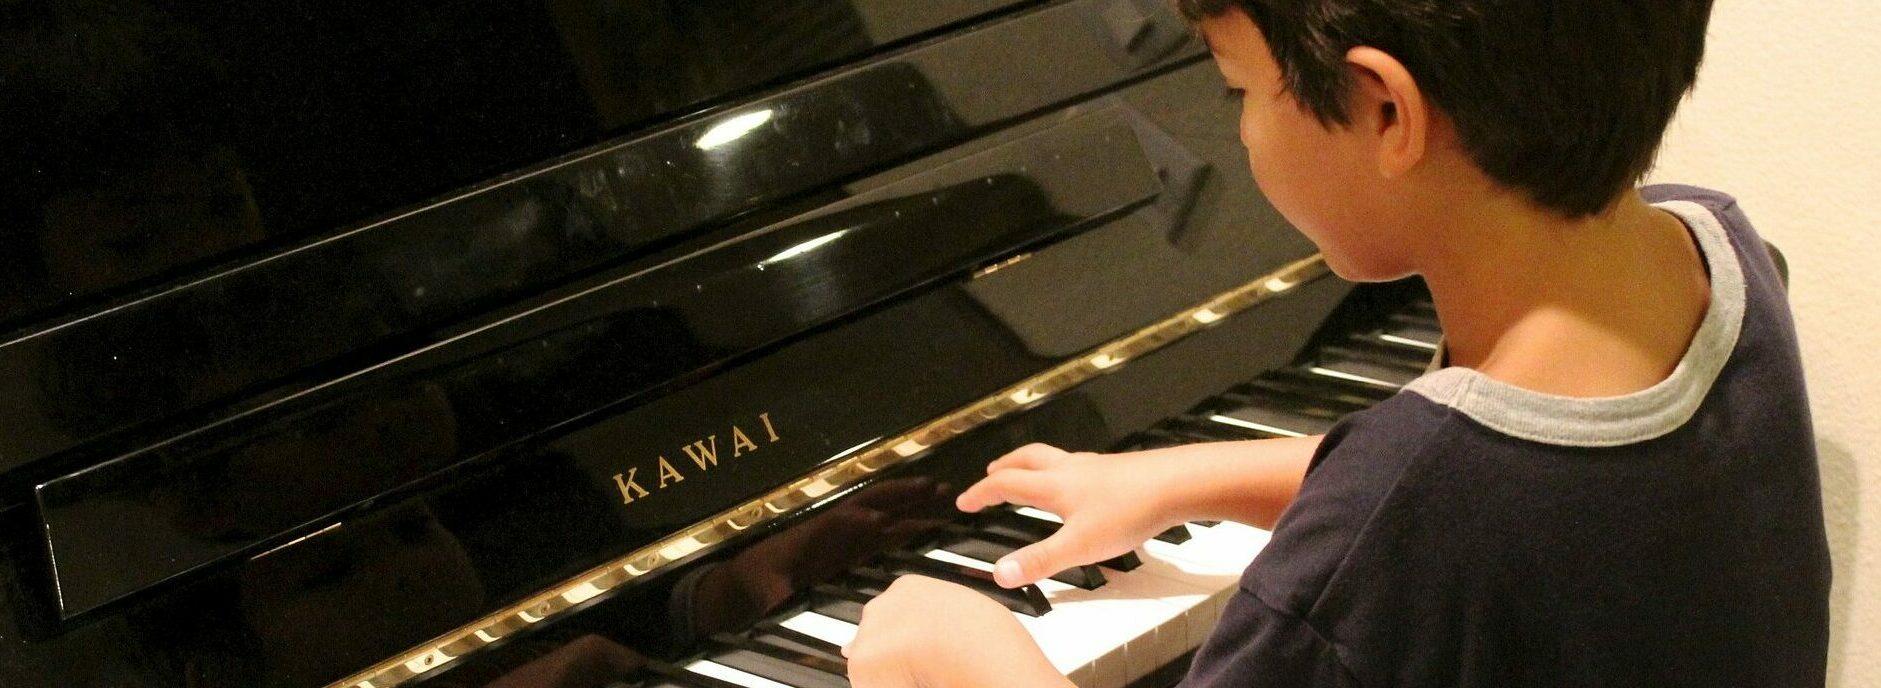 Musik, klingende Förderung für das Kinderhirn